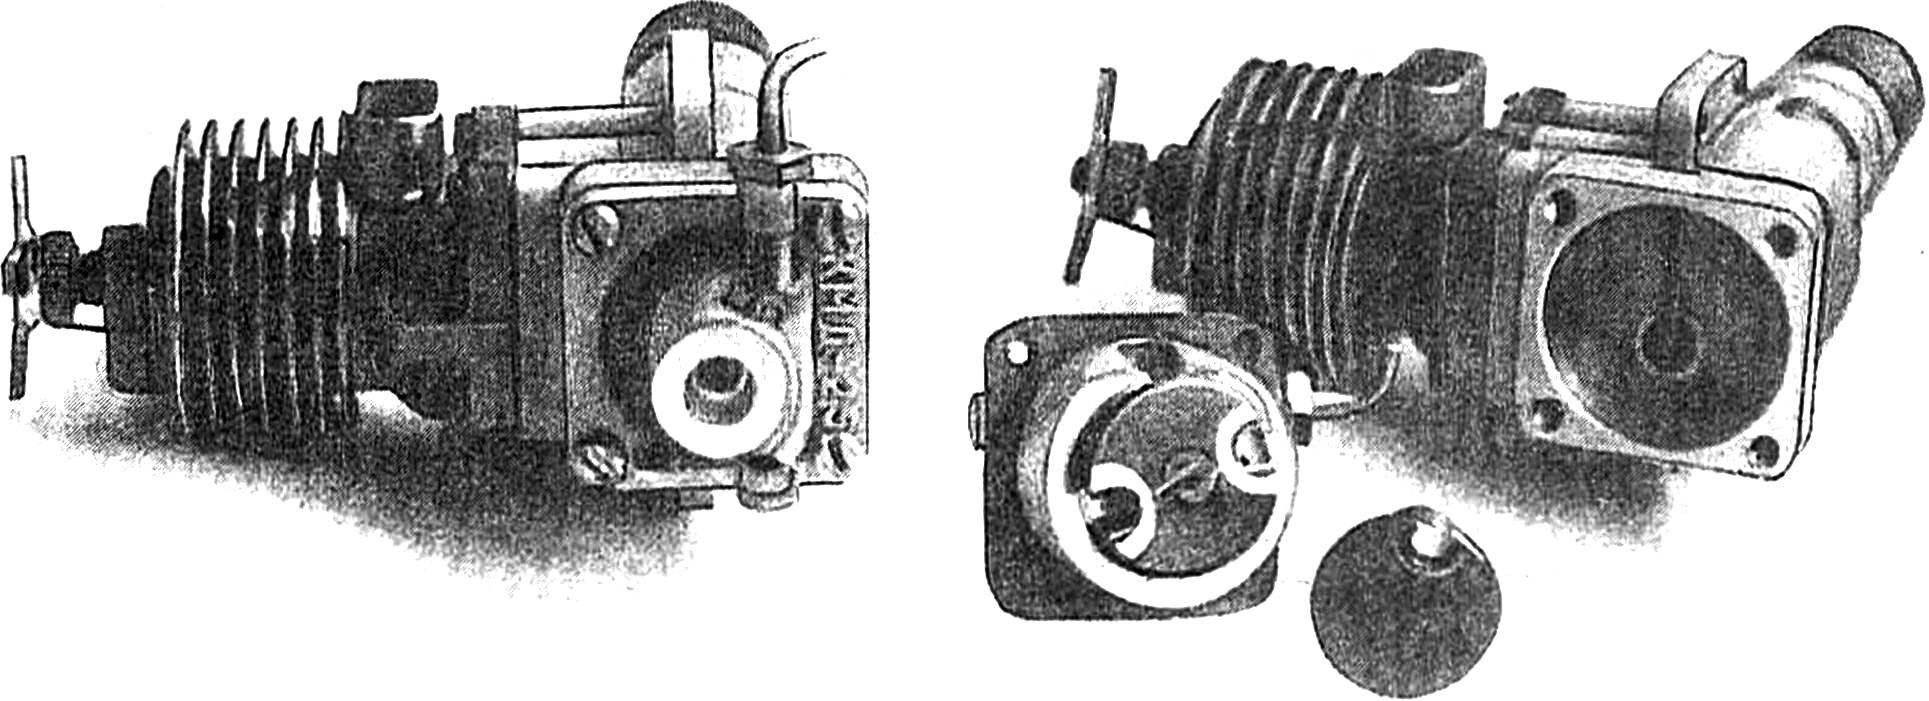 Доработанный двигатель КМД-2,5 в сборе, справа — двигатель со снятой задней крышкой катера.